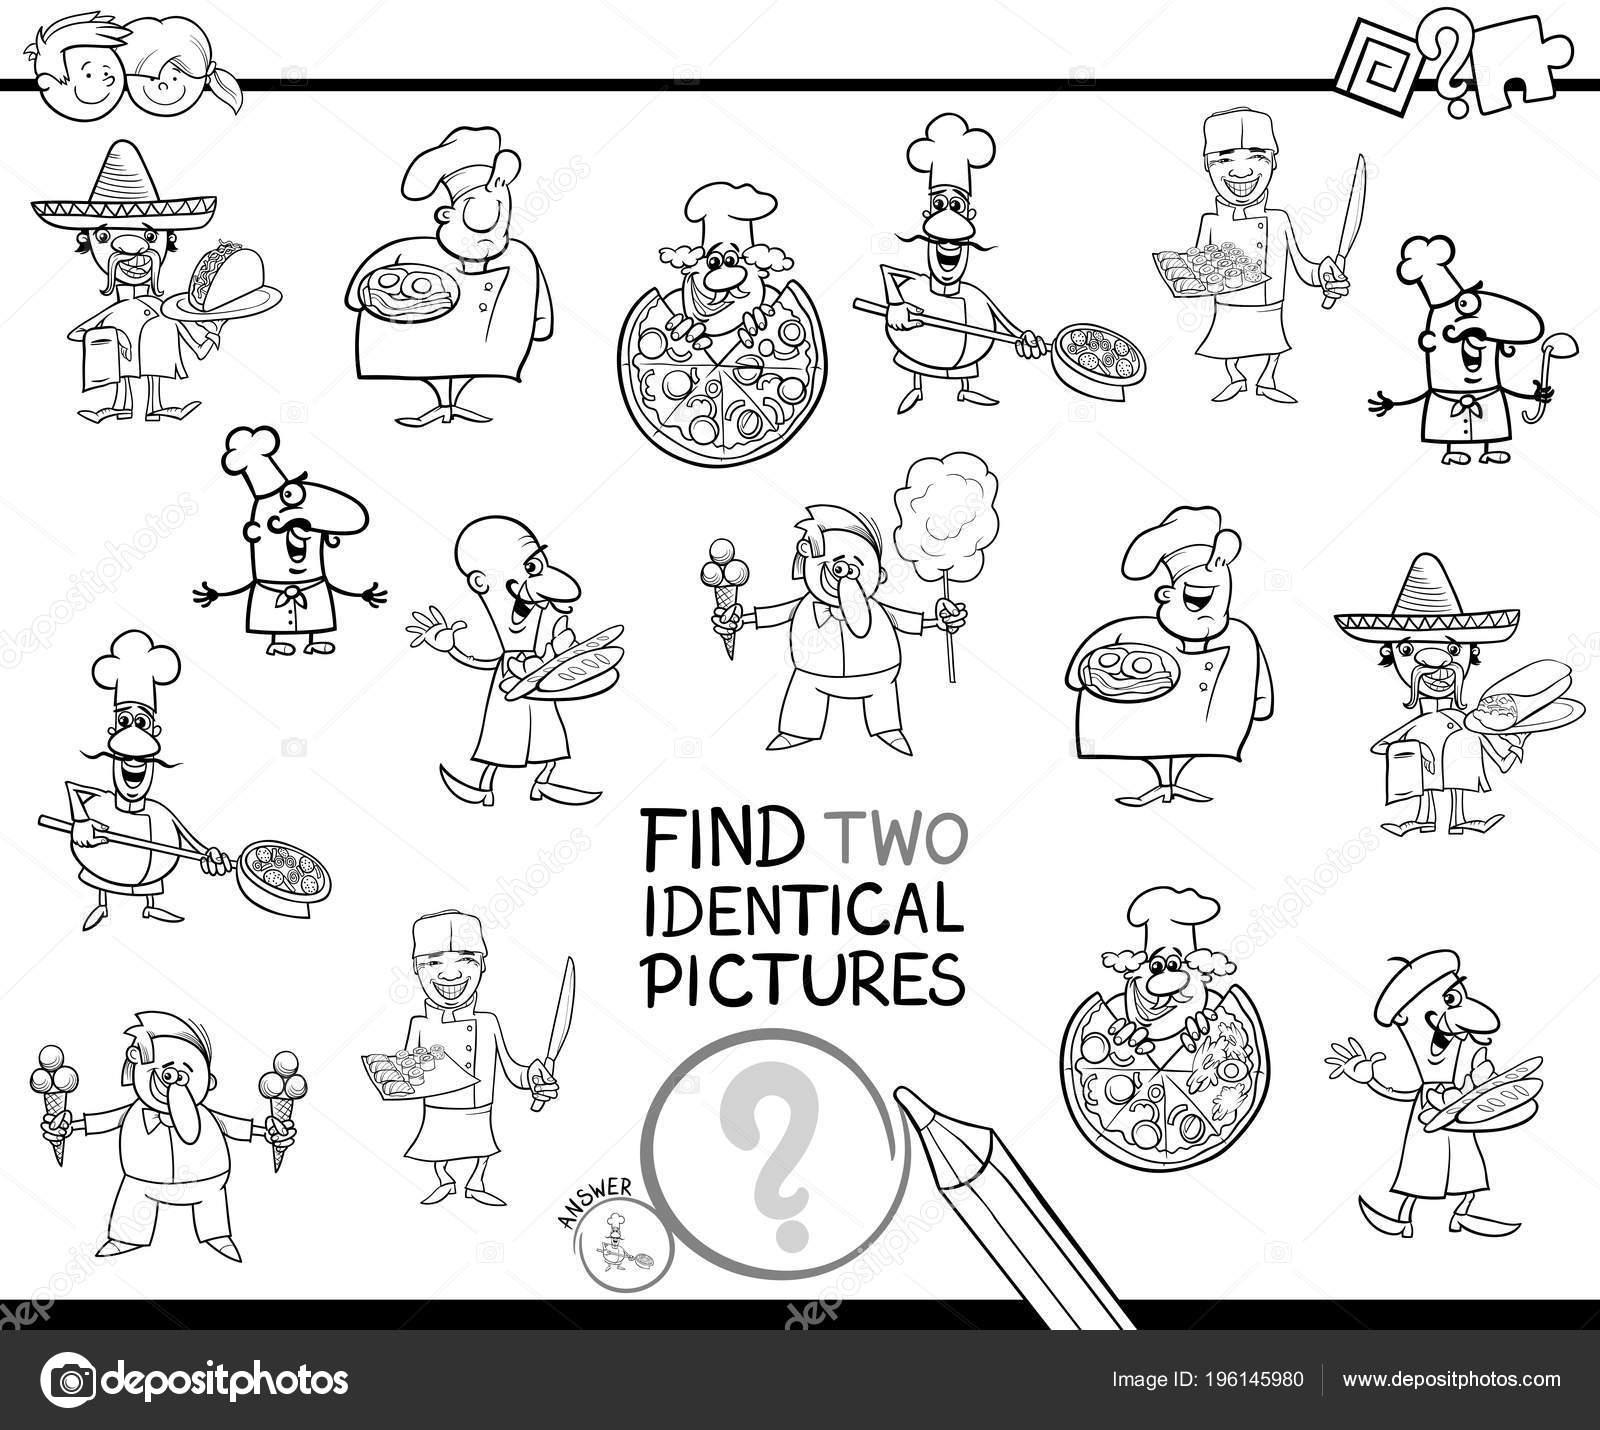 Ilustración Dibujos Animados Blanco Negro Encontrar Dos Fotos ...